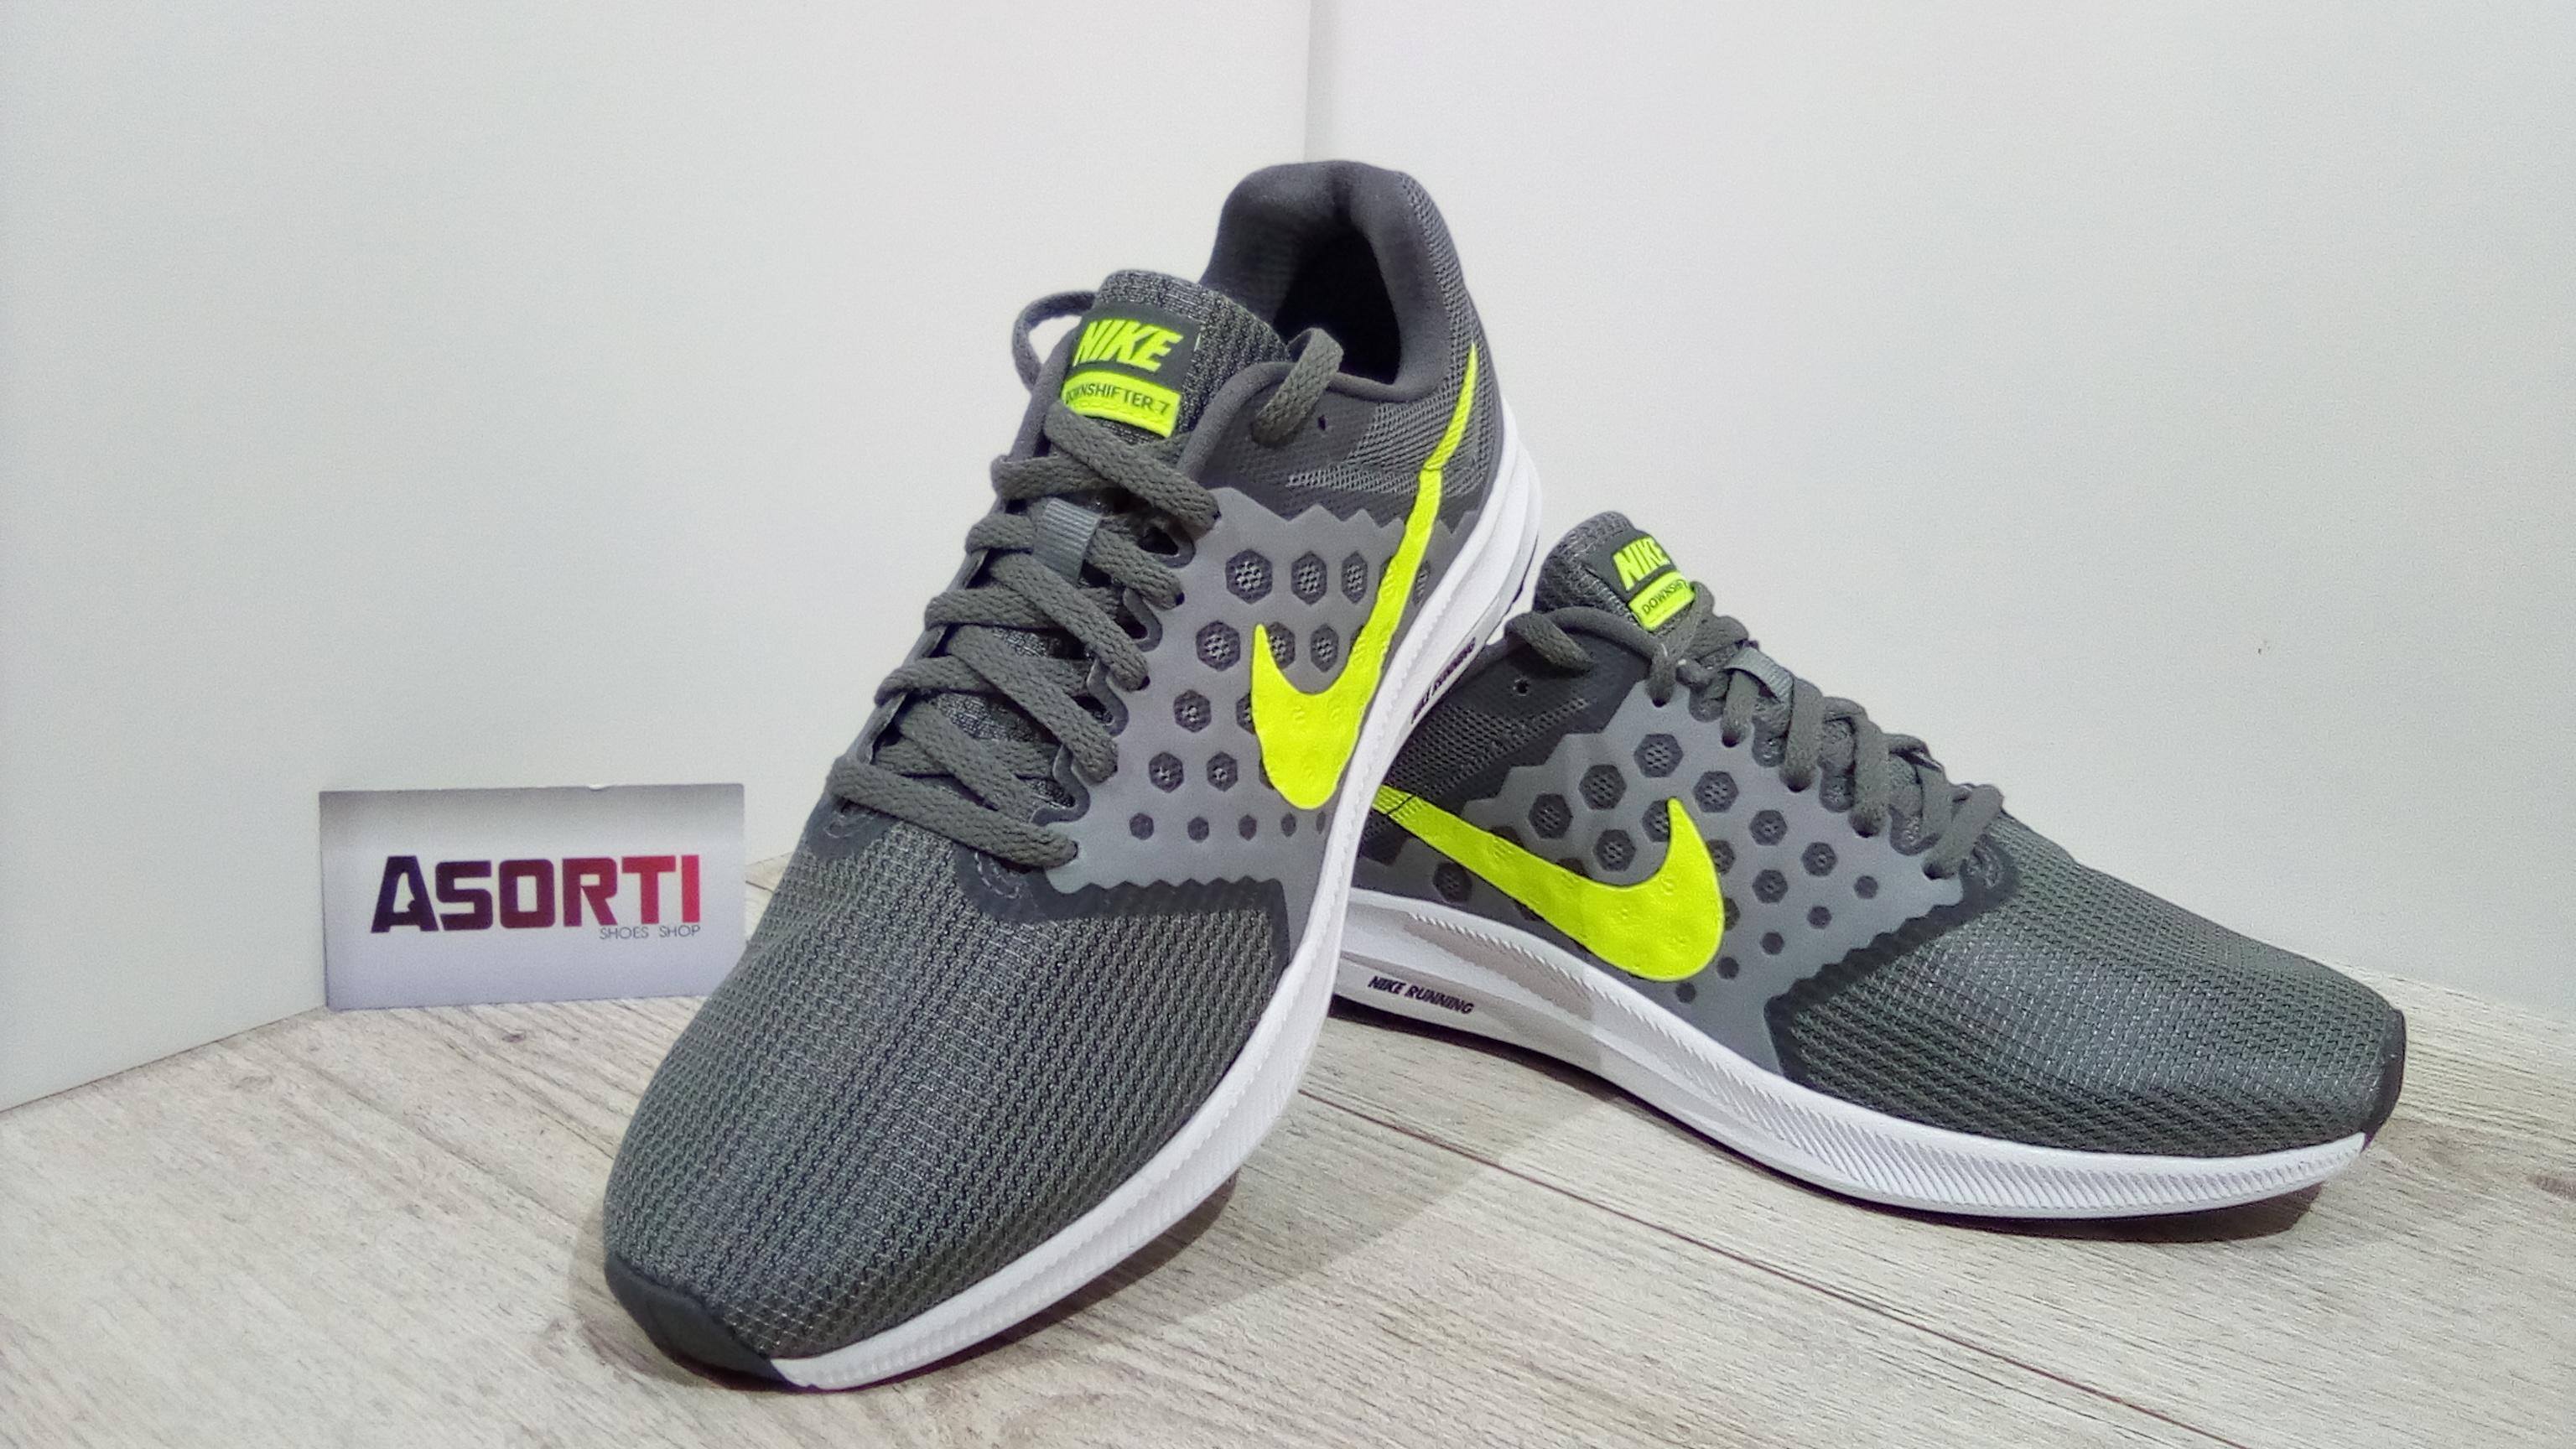 de7e68fae71328 Чоловічі бігові кросівки Nike Downshifter 7 (852459-004) сірі купити ...